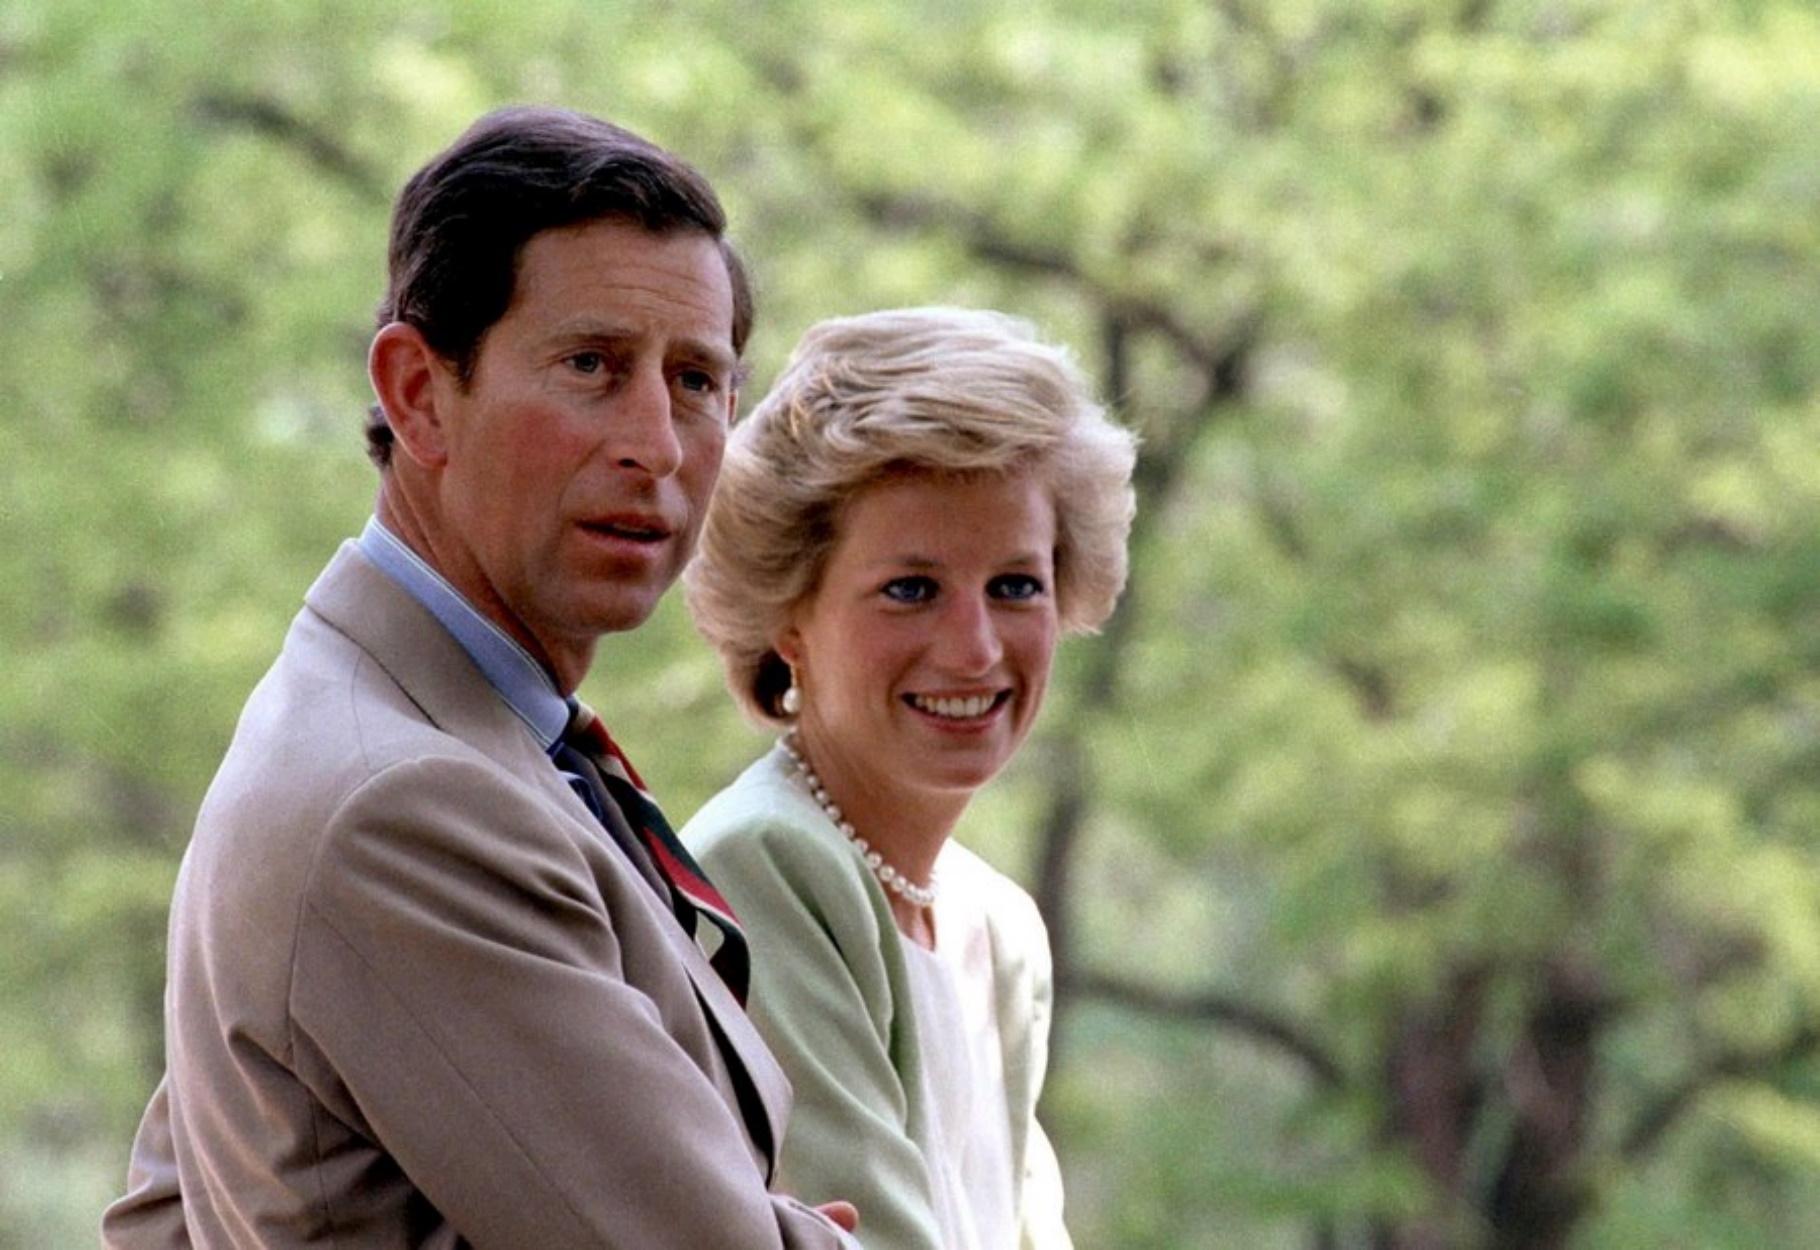 Σαν σήμερα 9 Δεκεμβρίου ανακοινώνεται ο χωρισμός του πριγκιπικού ζεύγους Καρόλου – Νταϊάνας